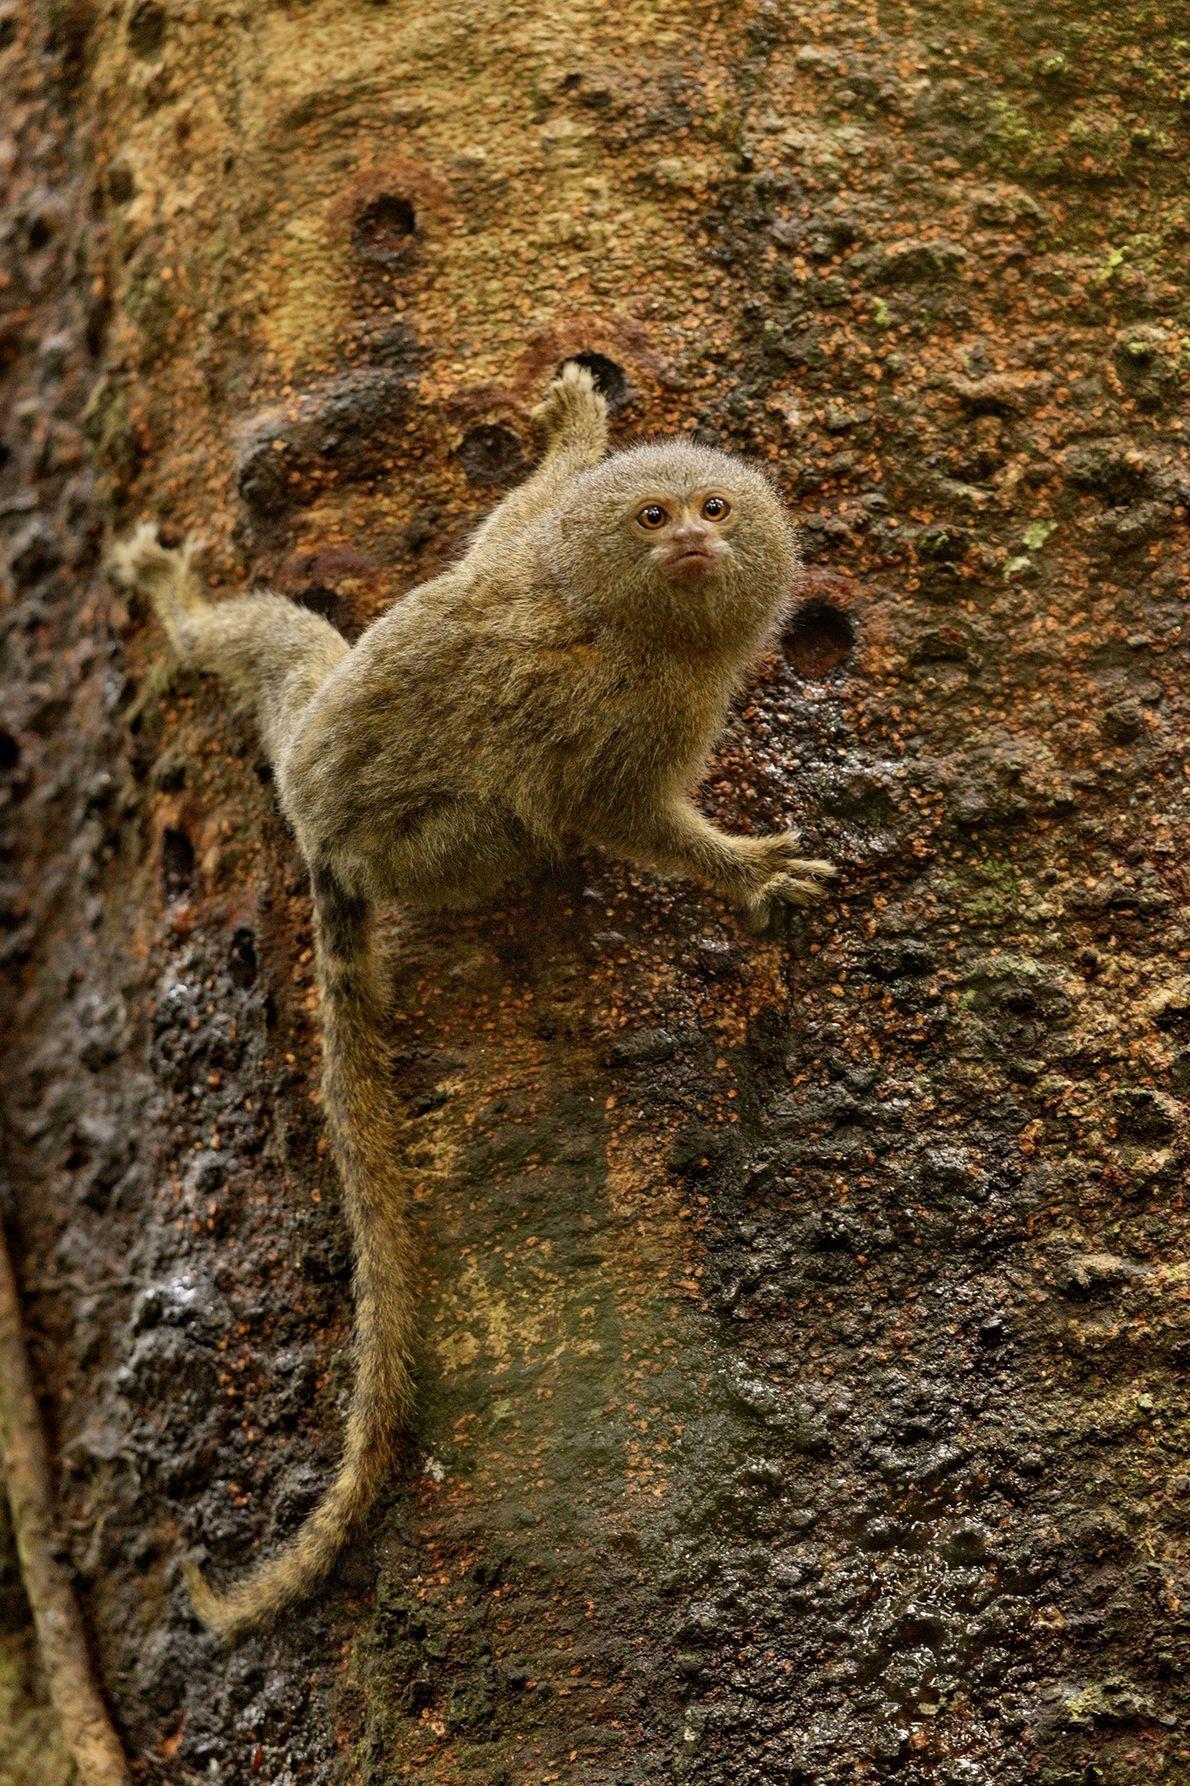 Un tití pigmeo pesa poco más de cien gramos (3,5 onzas). Este mono se está alimentando ...